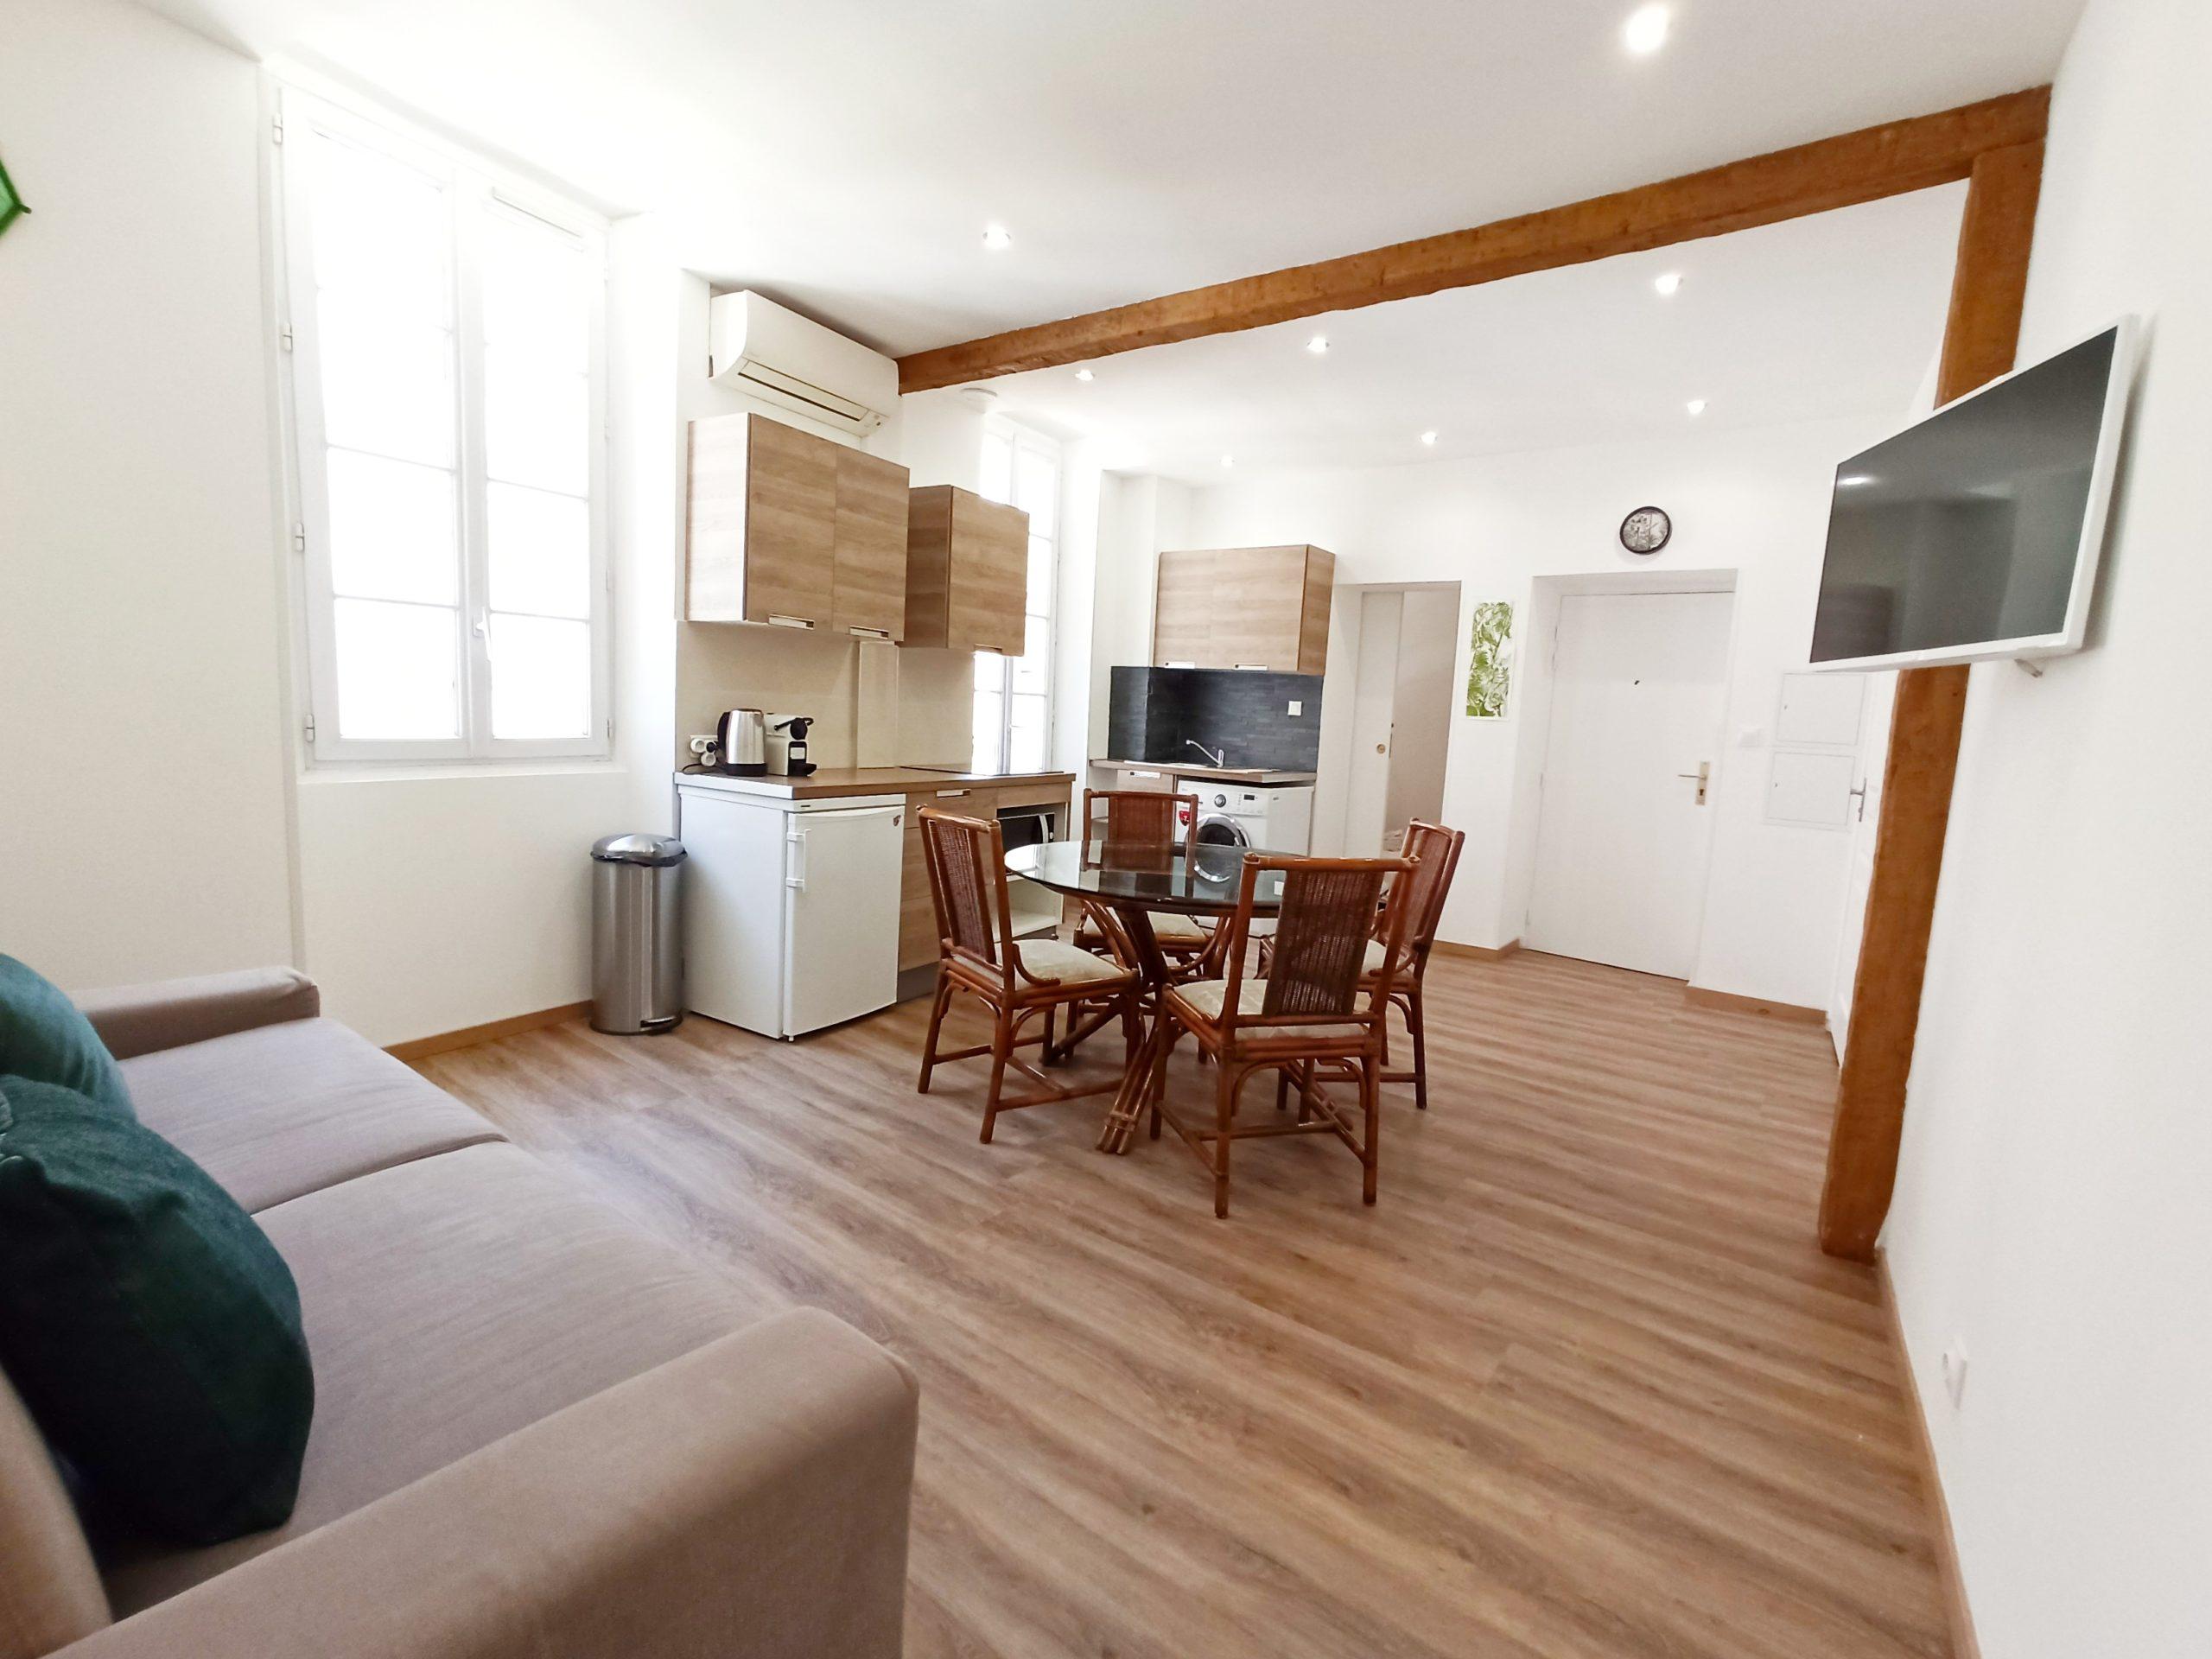 Location-appartements-congrès-Cannes